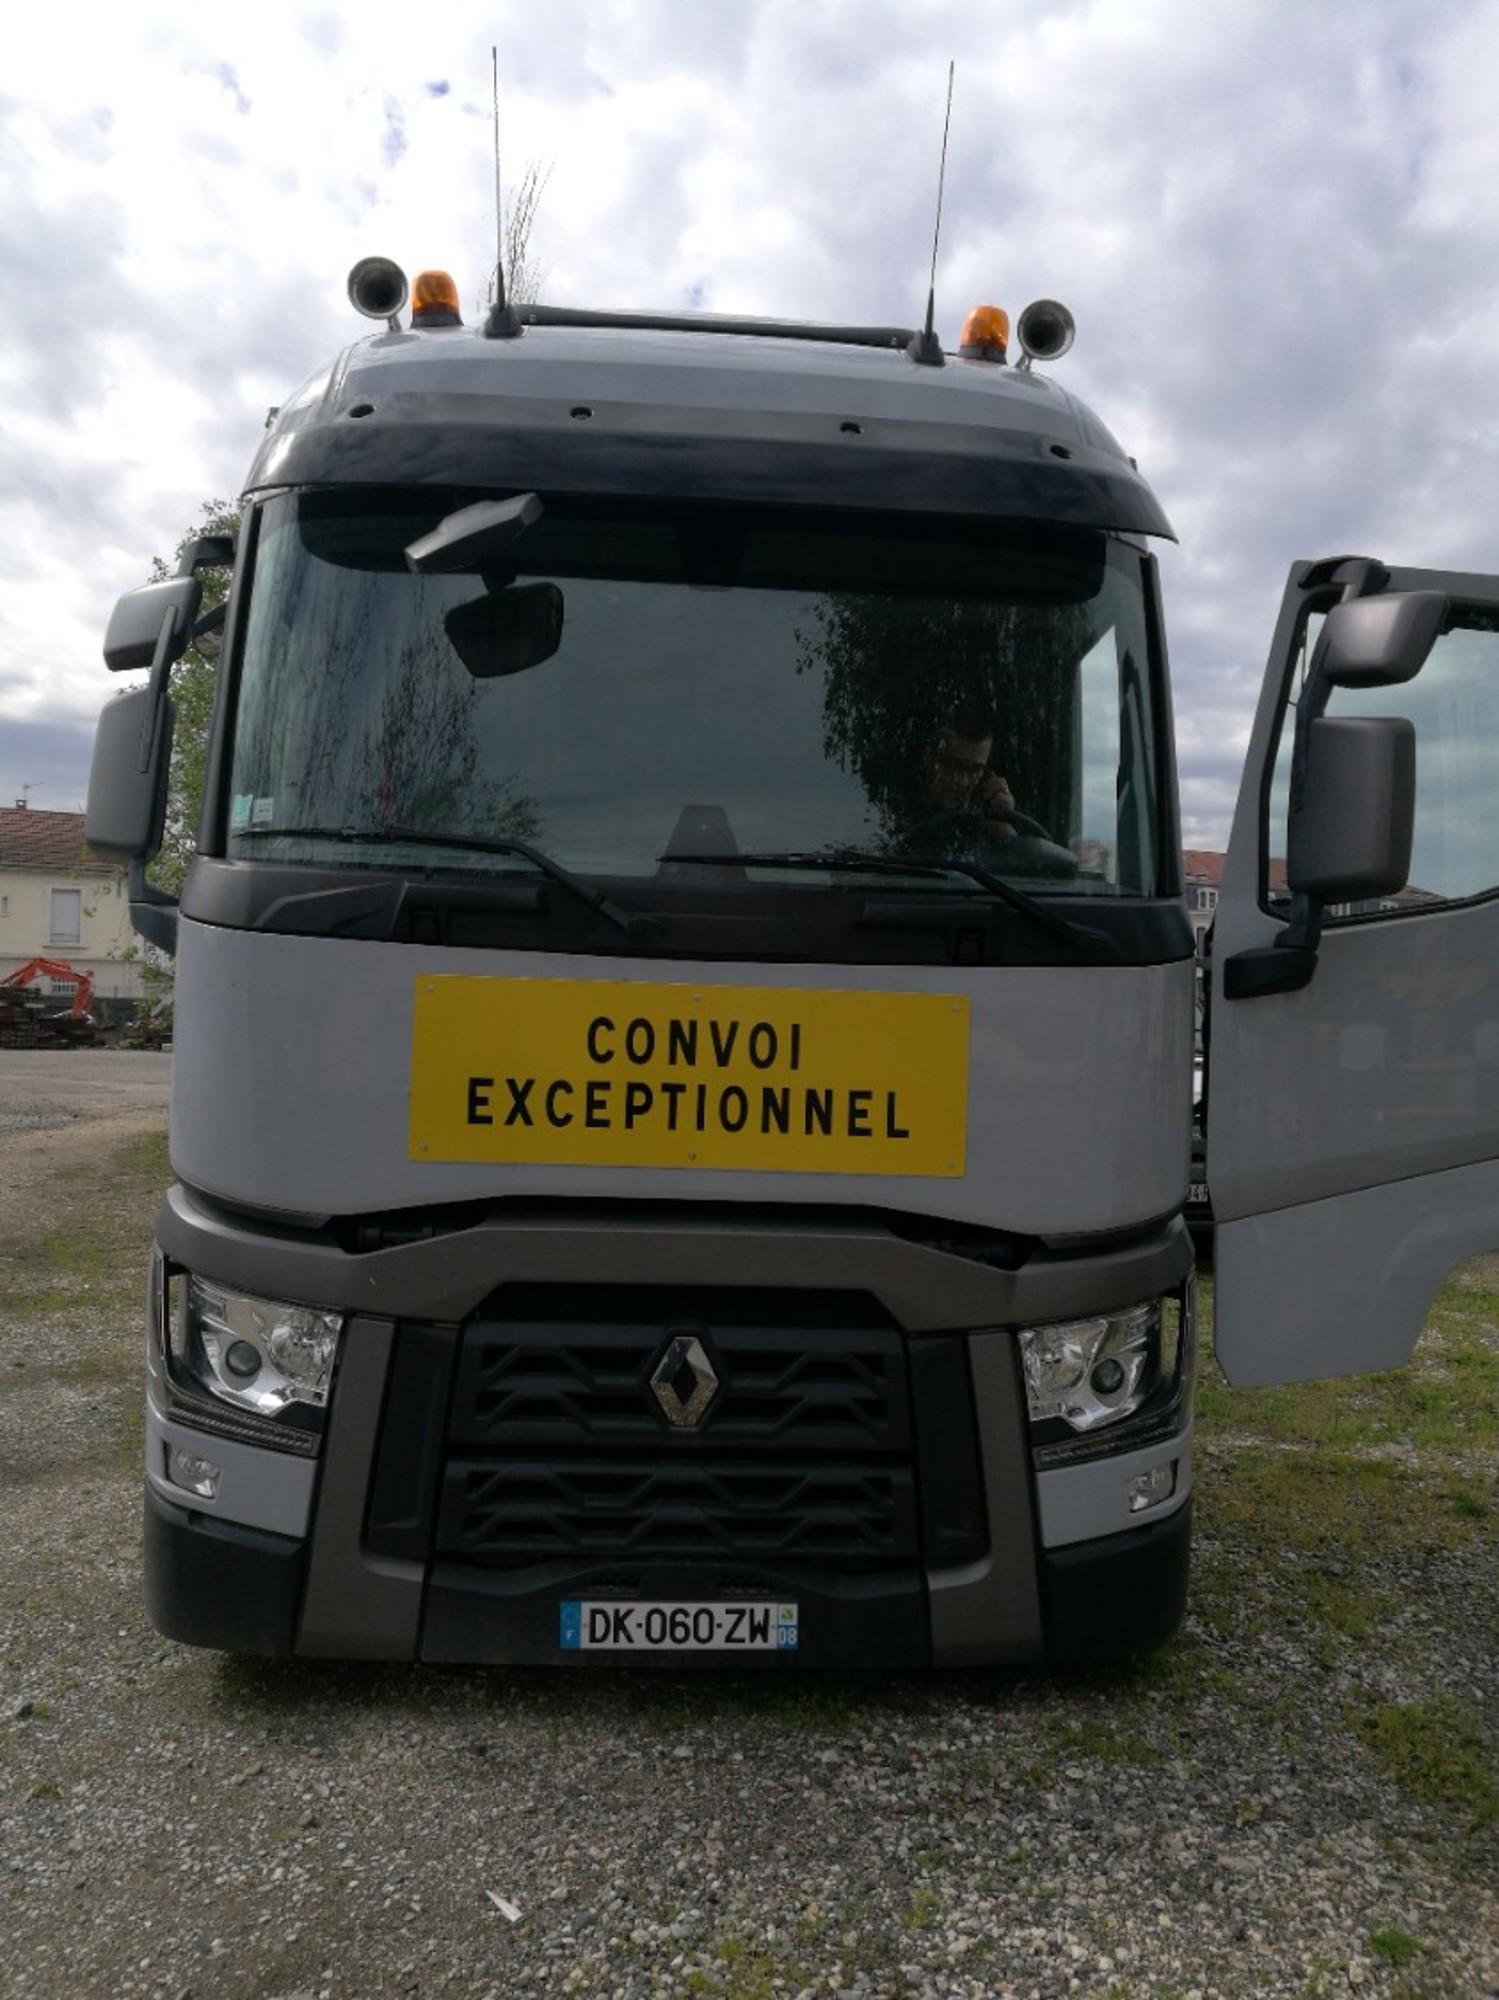 ensemble routier tracteur routier renault t 480 dk 060 zw semi remorque porte engin verem. Black Bedroom Furniture Sets. Home Design Ideas